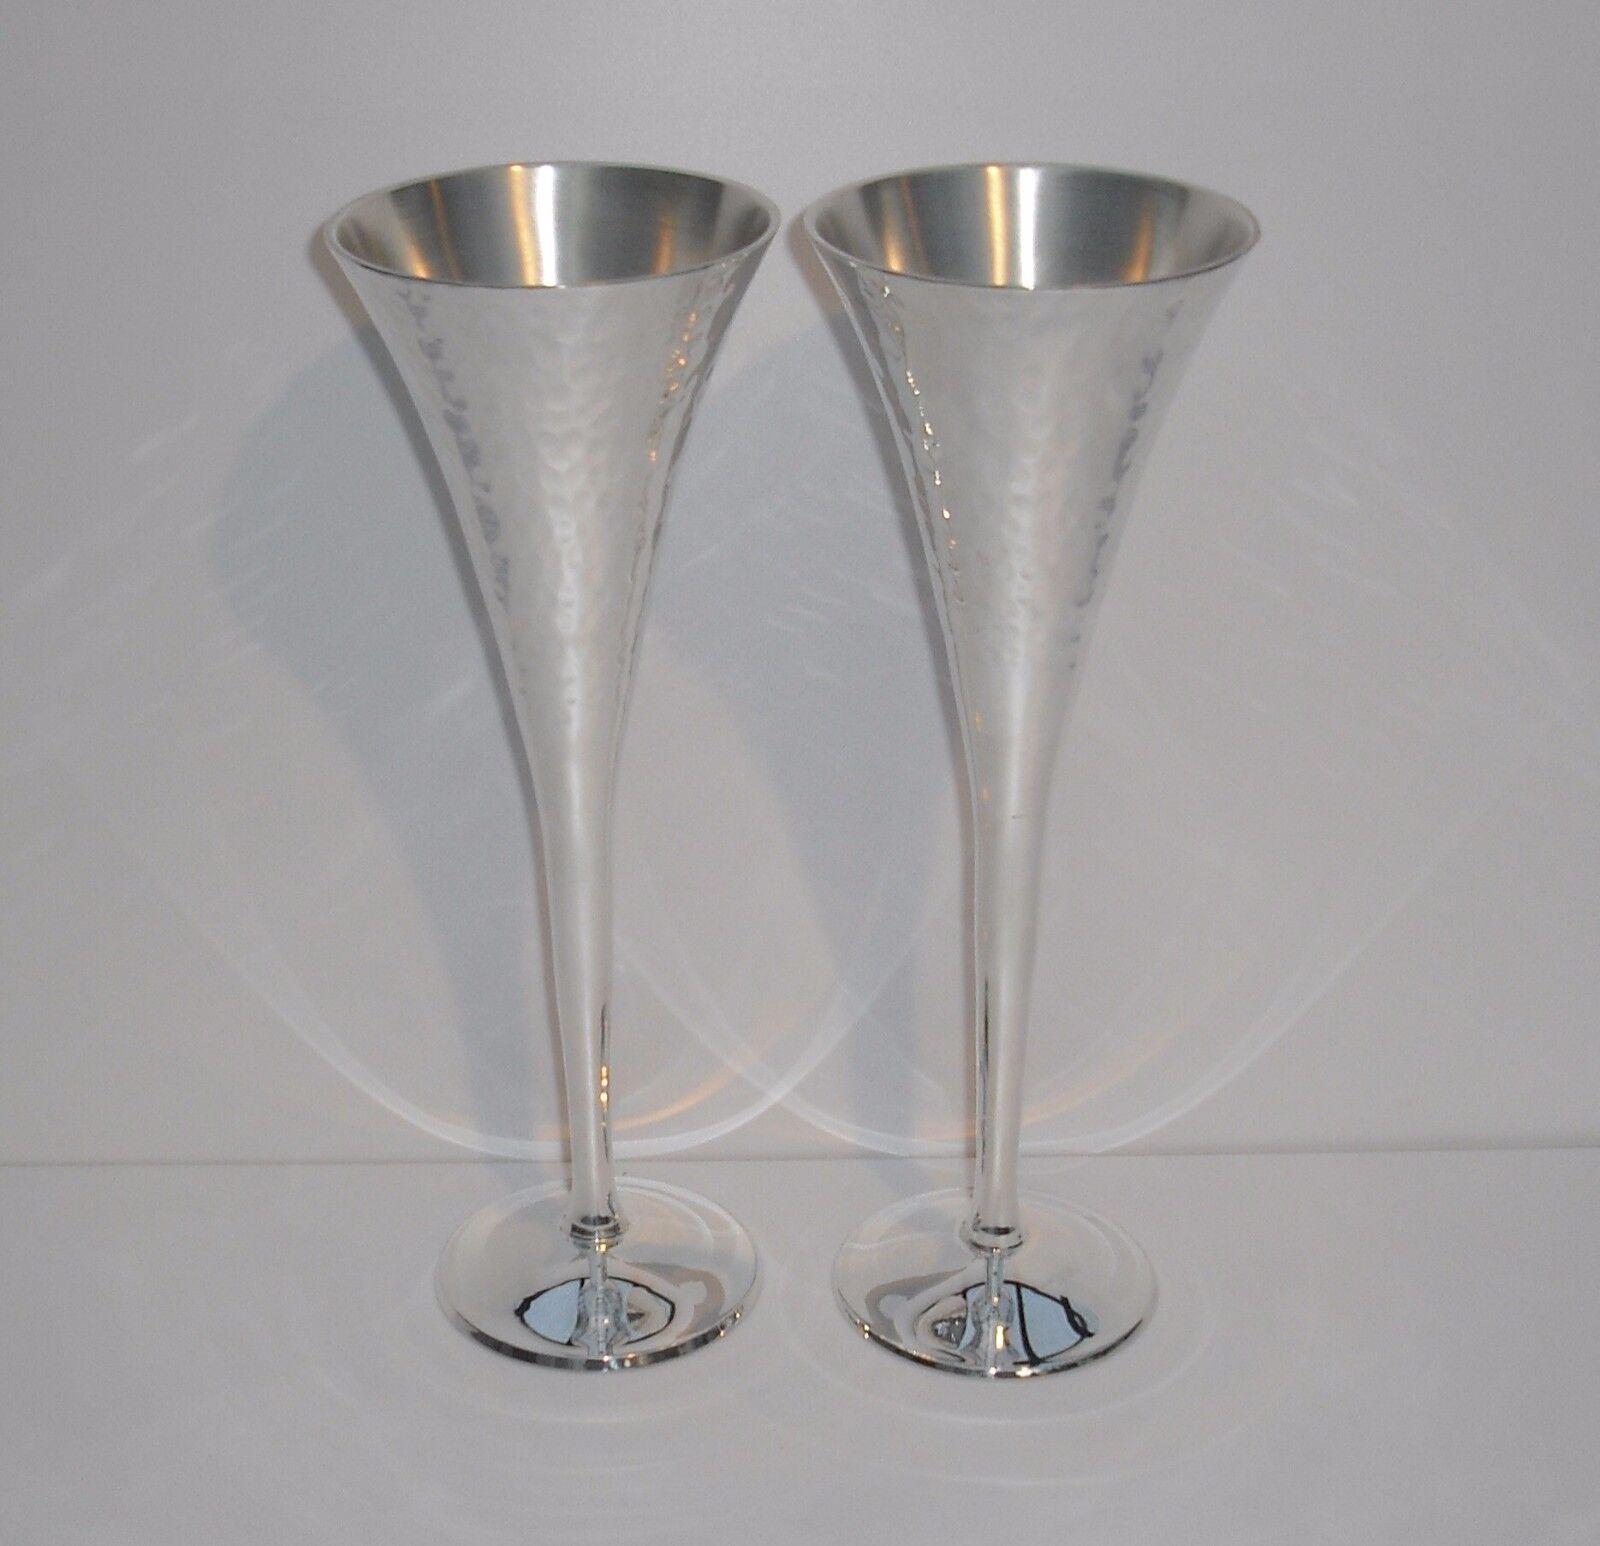 Champán cristal sektglas plateado - 4 unid. - plateado - 22,5 cm de alto -  nuevo